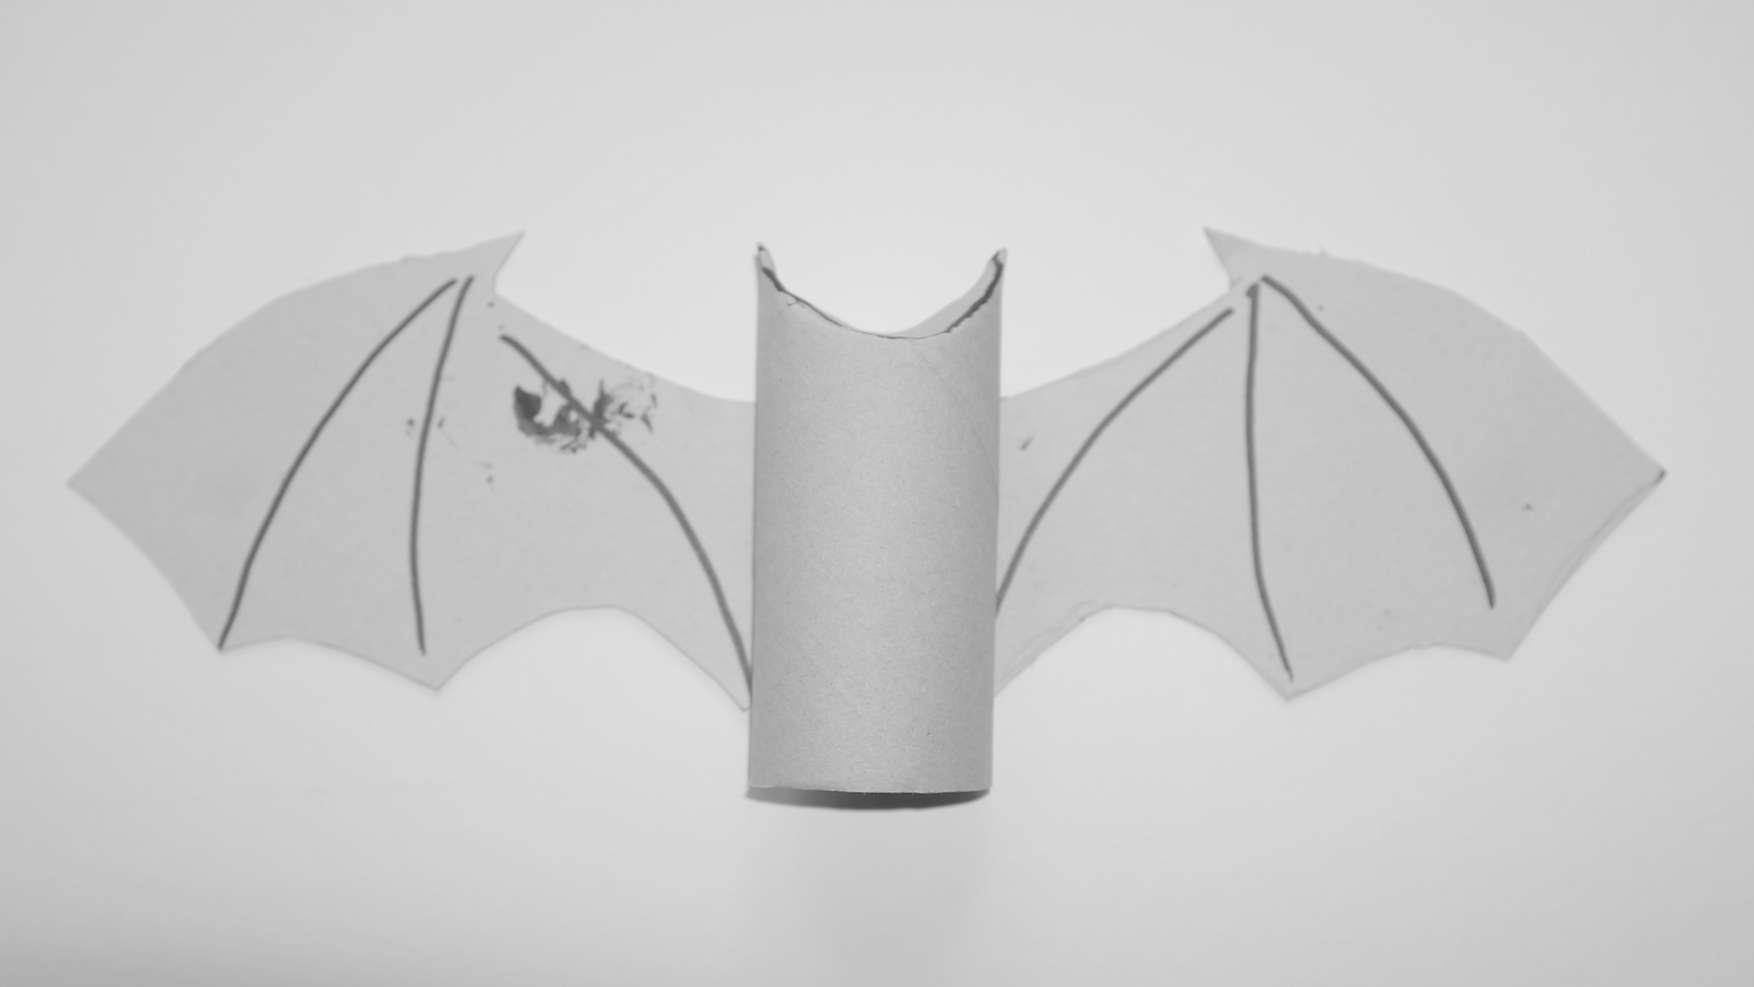 vleermuizen - doe het zelf vleermuis van wc rol en karton - stap 3 plak vleugels aan wc rol